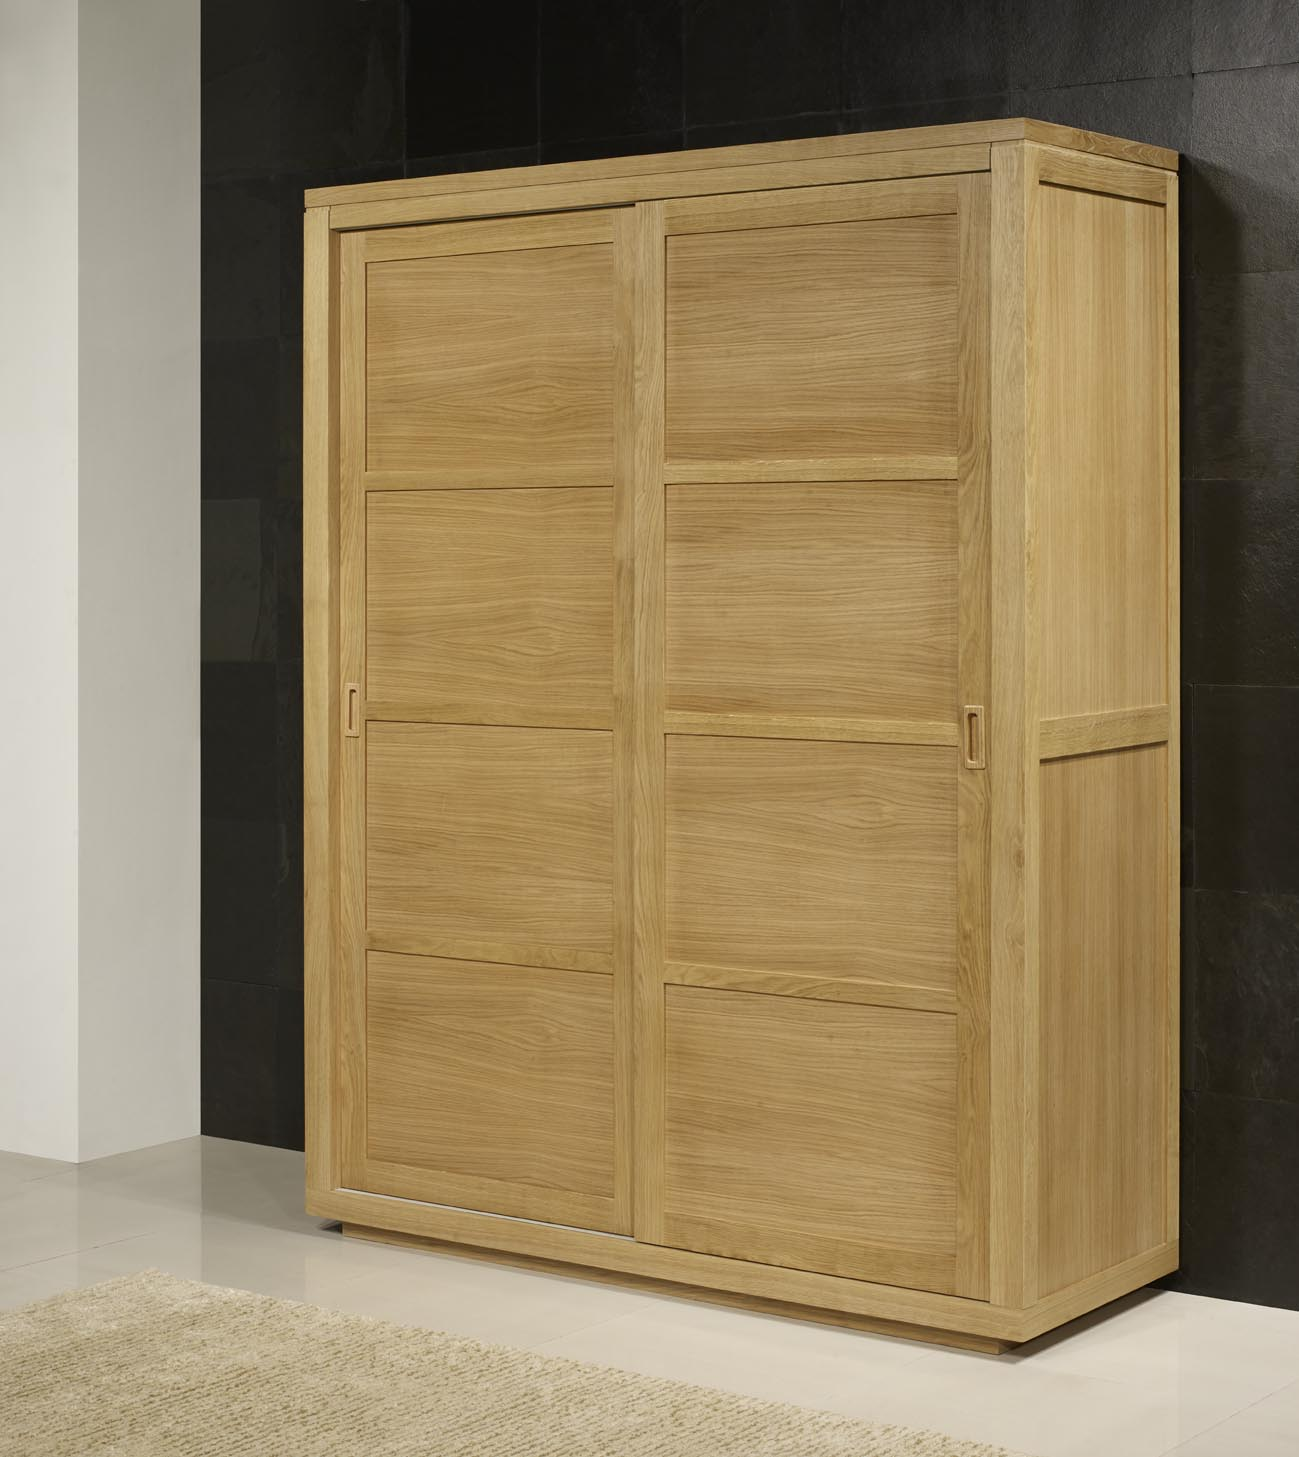 armoire 2 portes coulissantes julien realisee en chene de ligne contemporaine